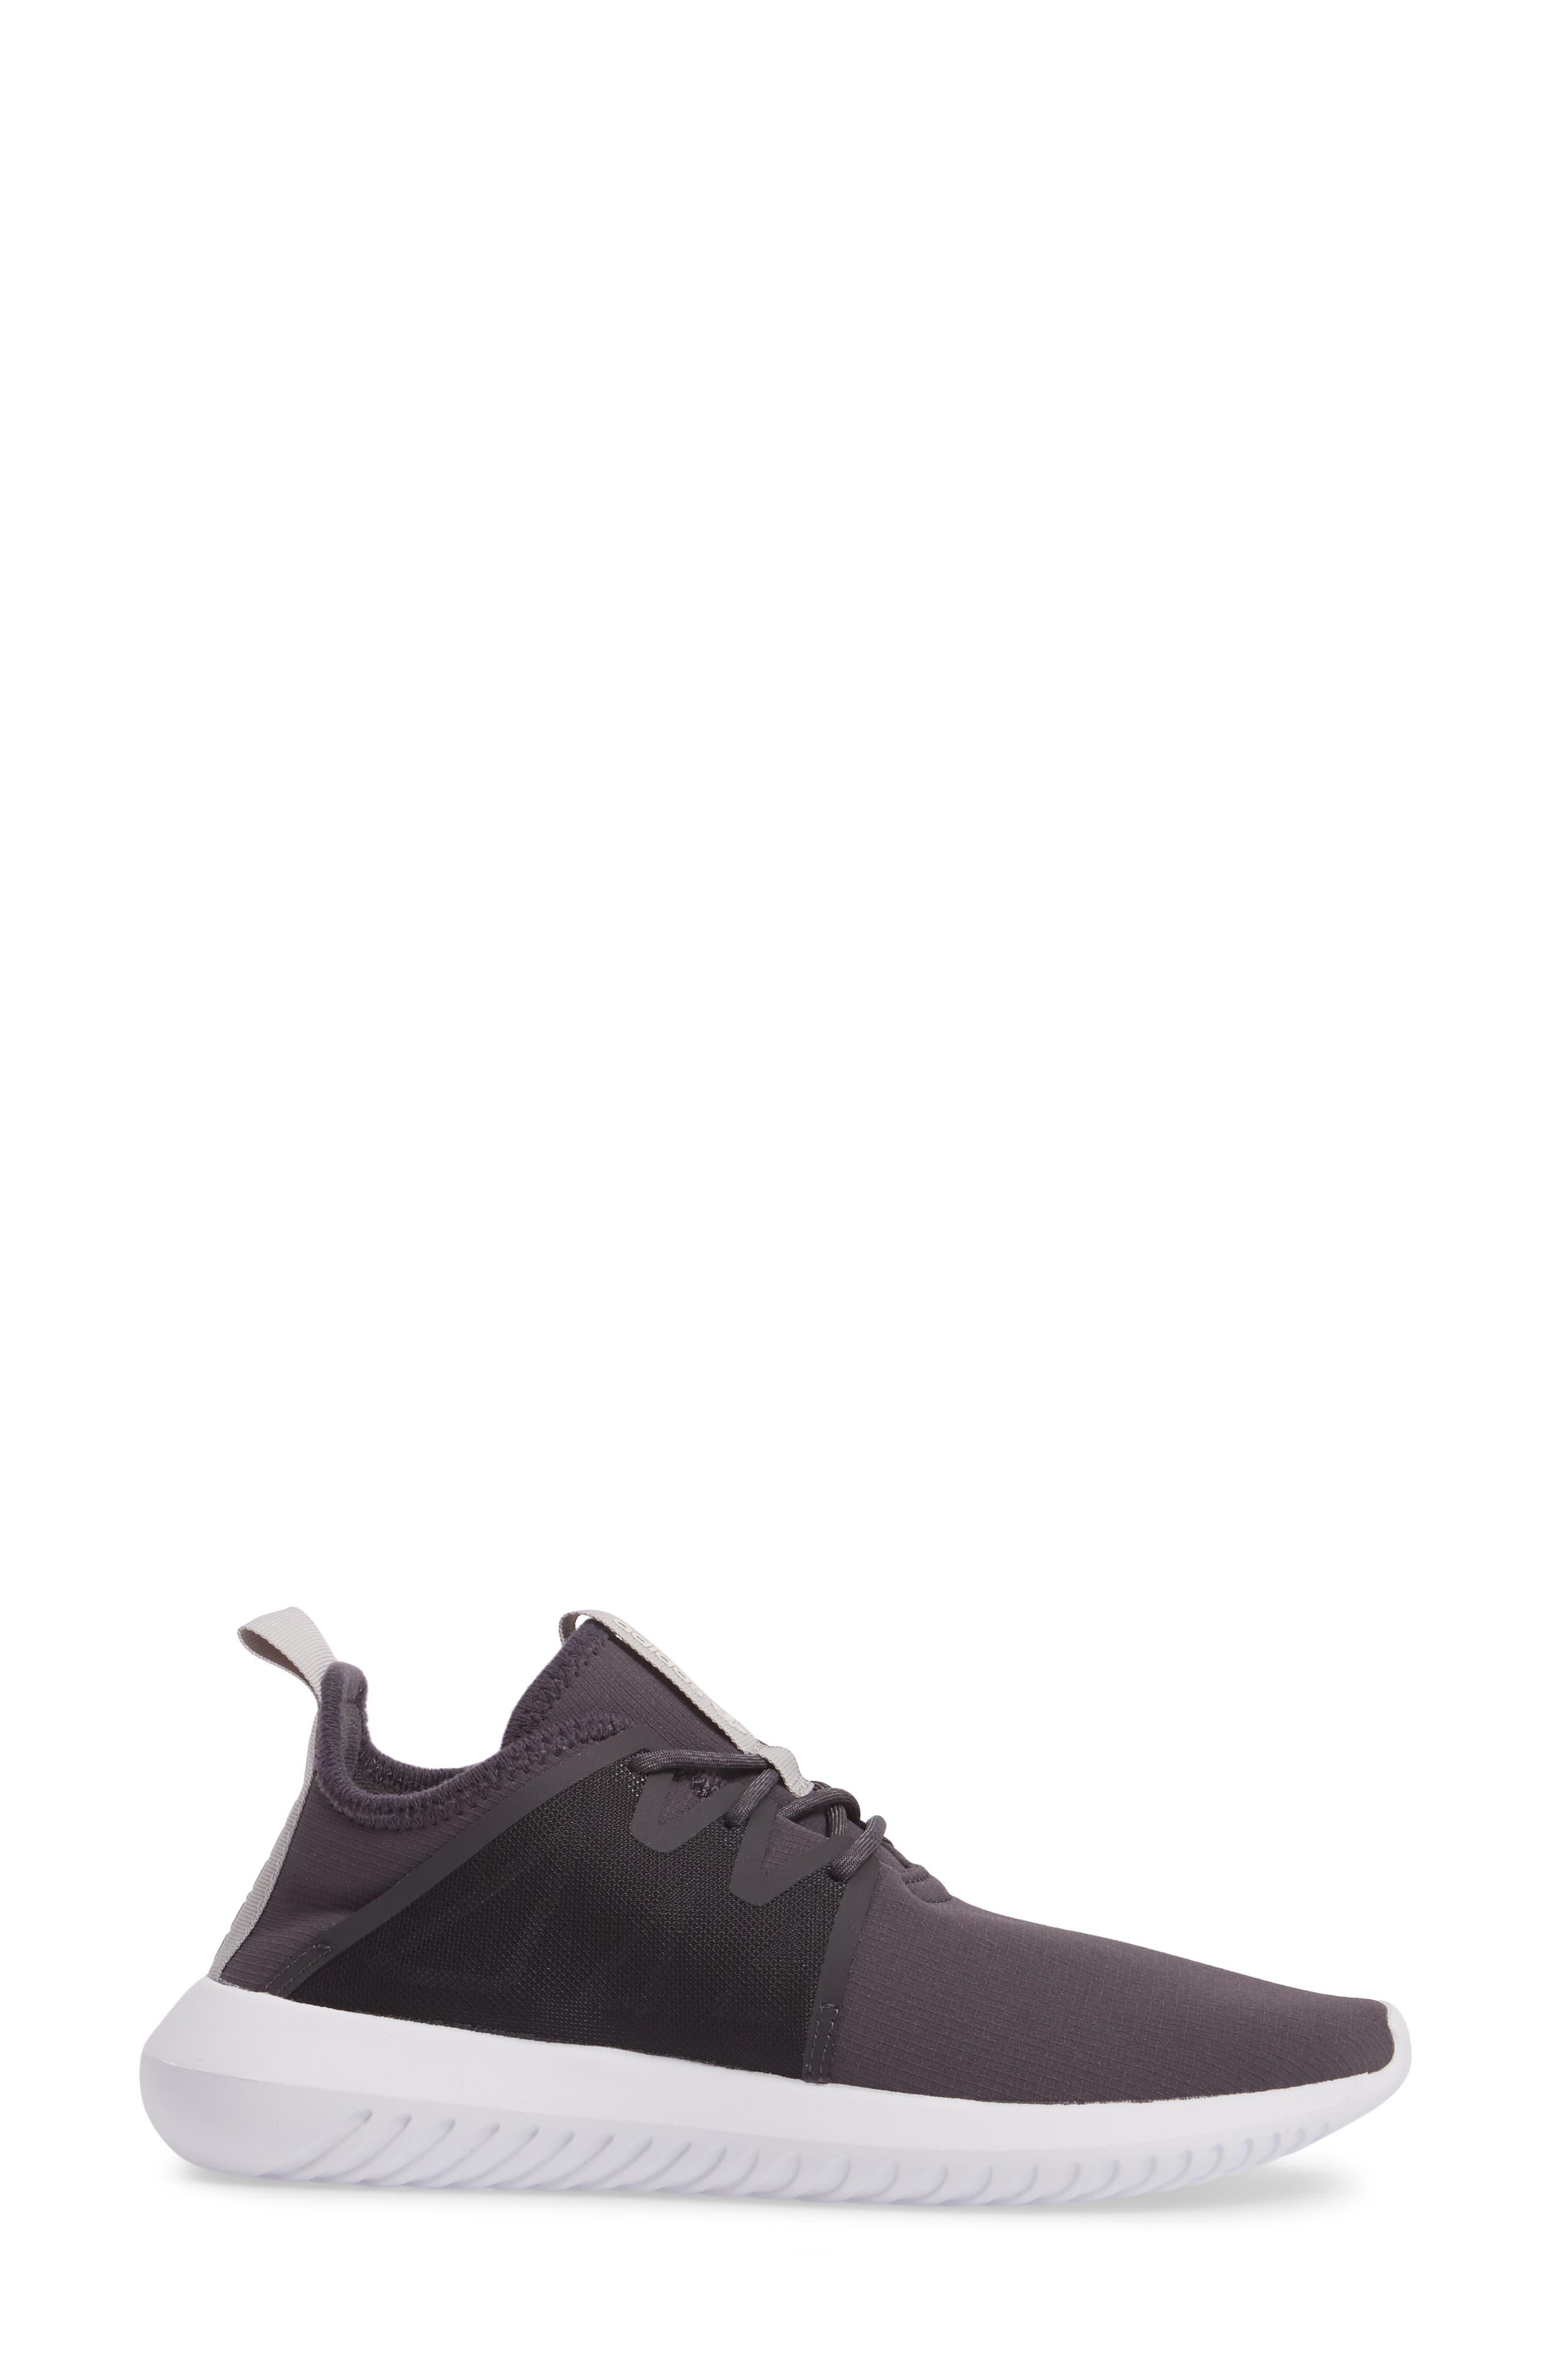 Tubular Viral 2 Sneaker,                             Alternate thumbnail 4, color,                             Utility Black/ White